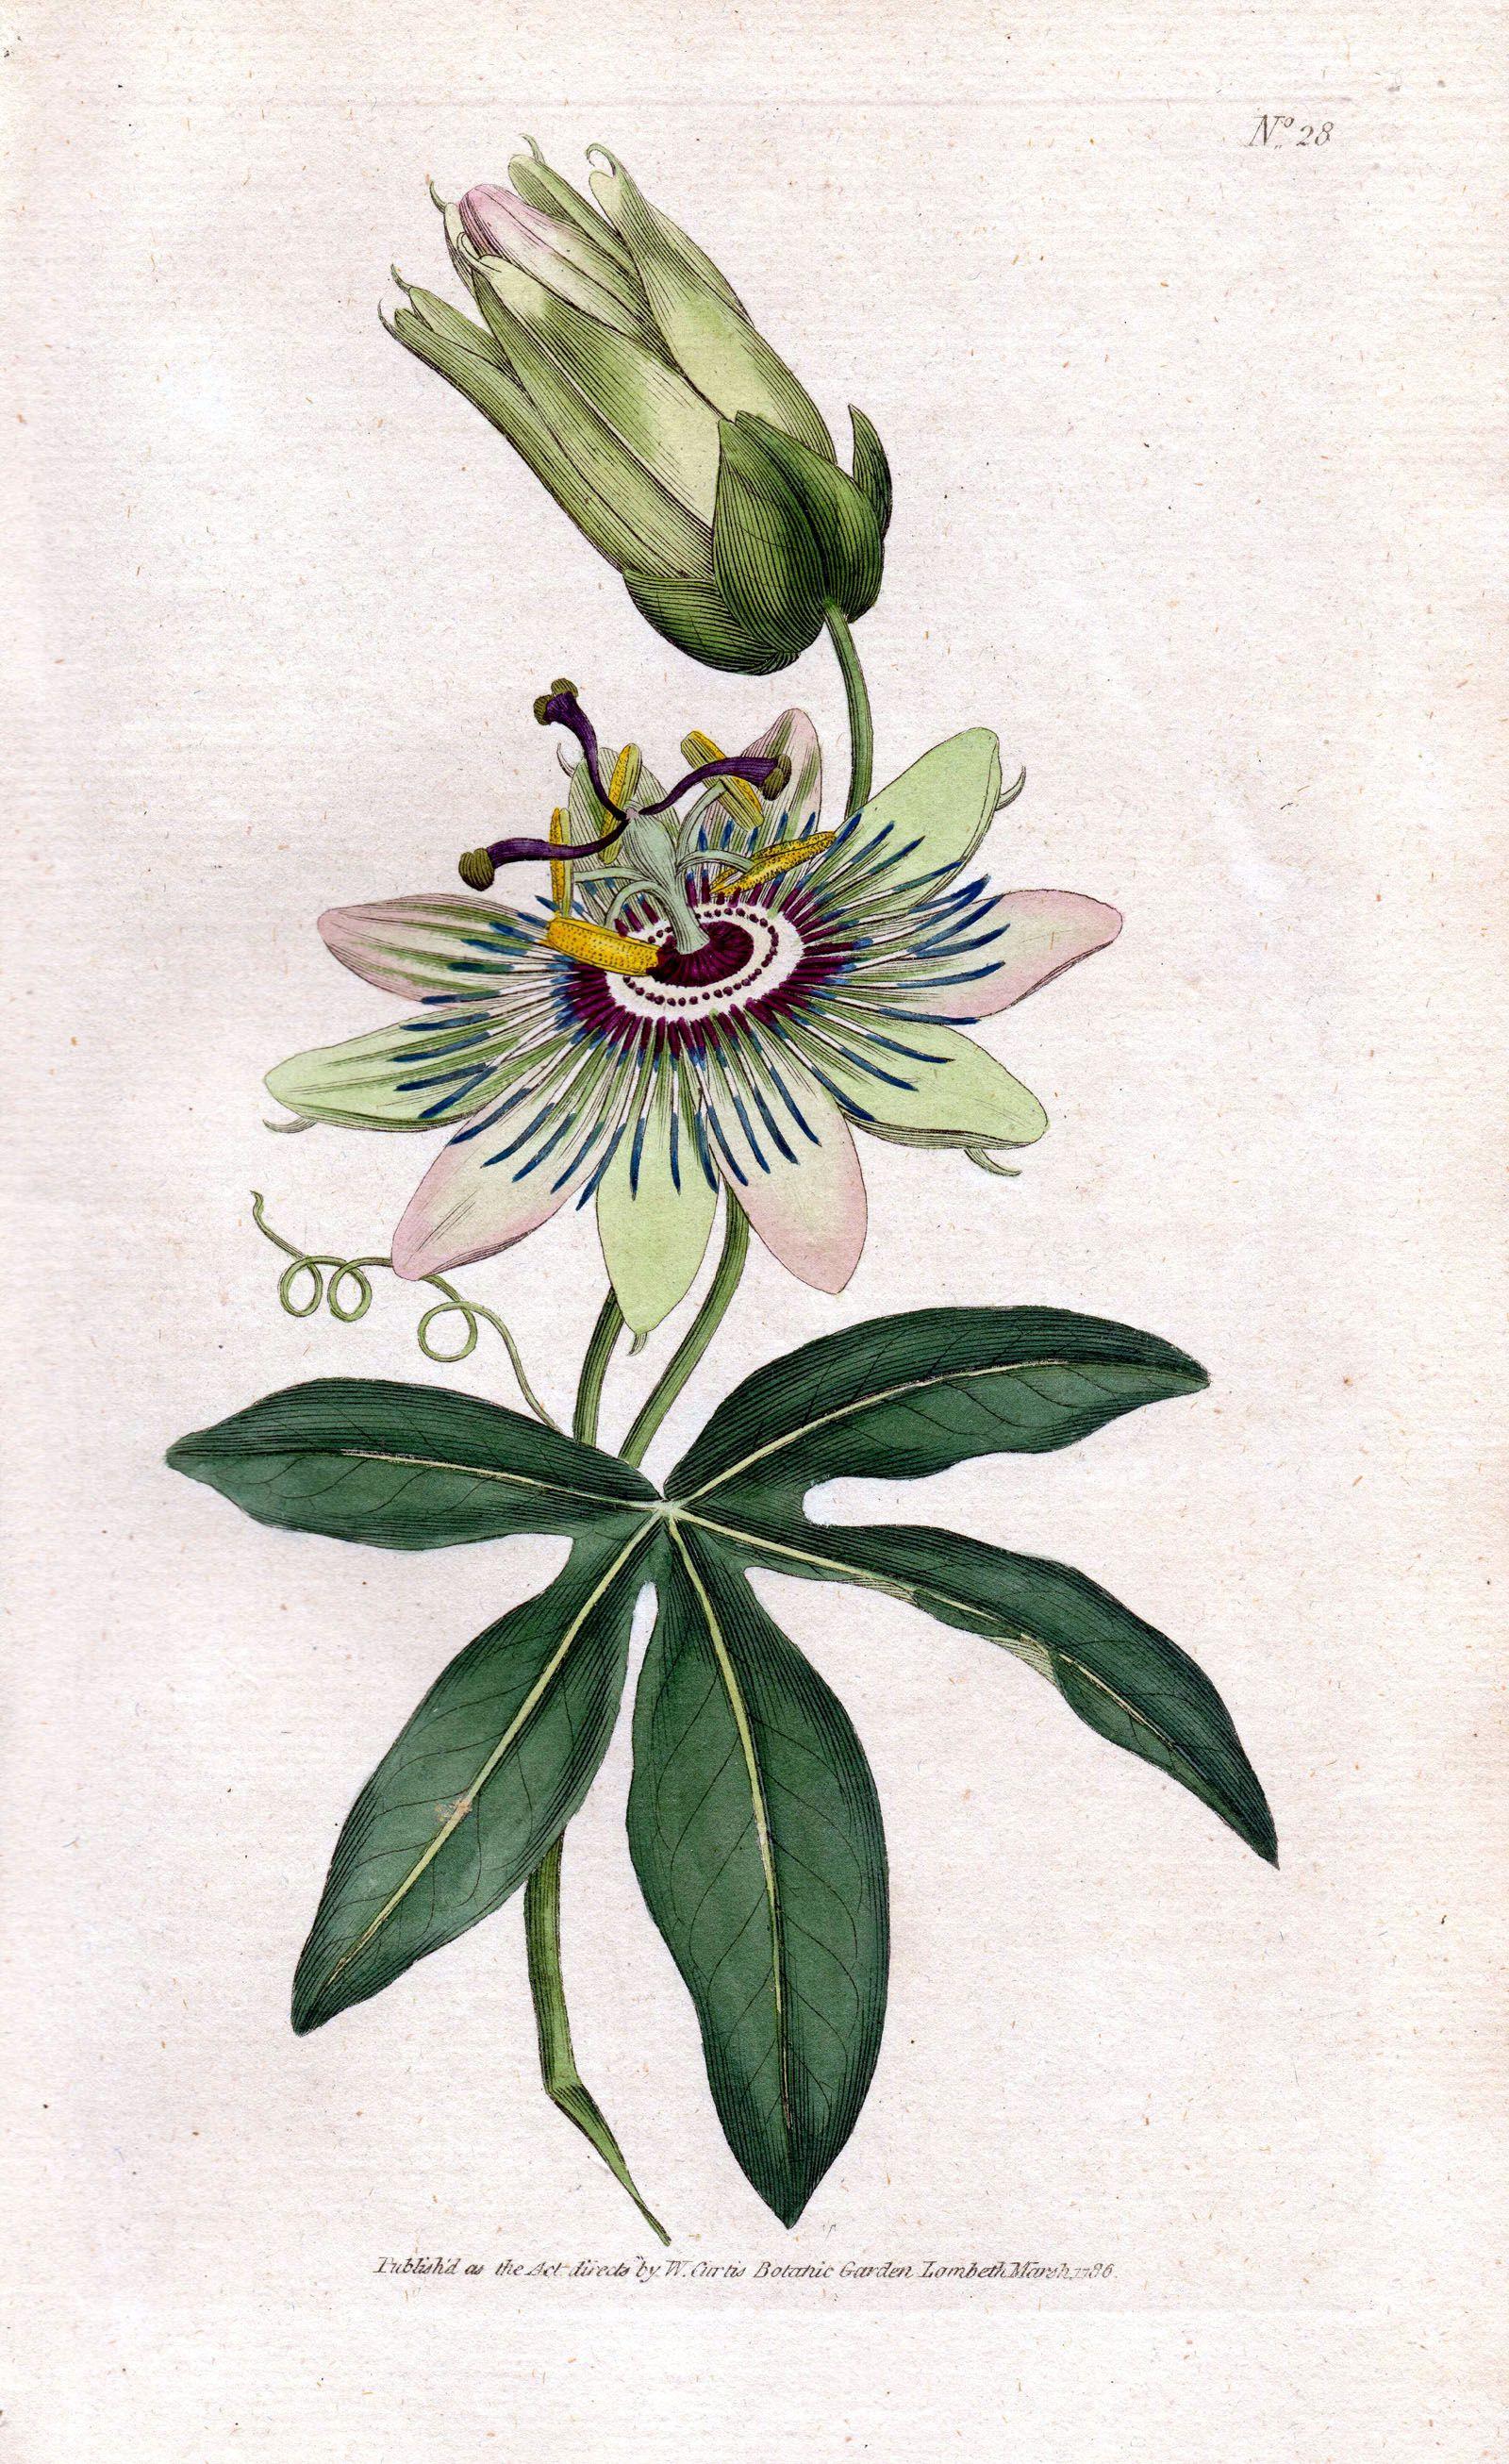 Passionflower Passiflora Passiflora Caerulea Blue Passionflower Bluecrown Passionflower Passion Flower